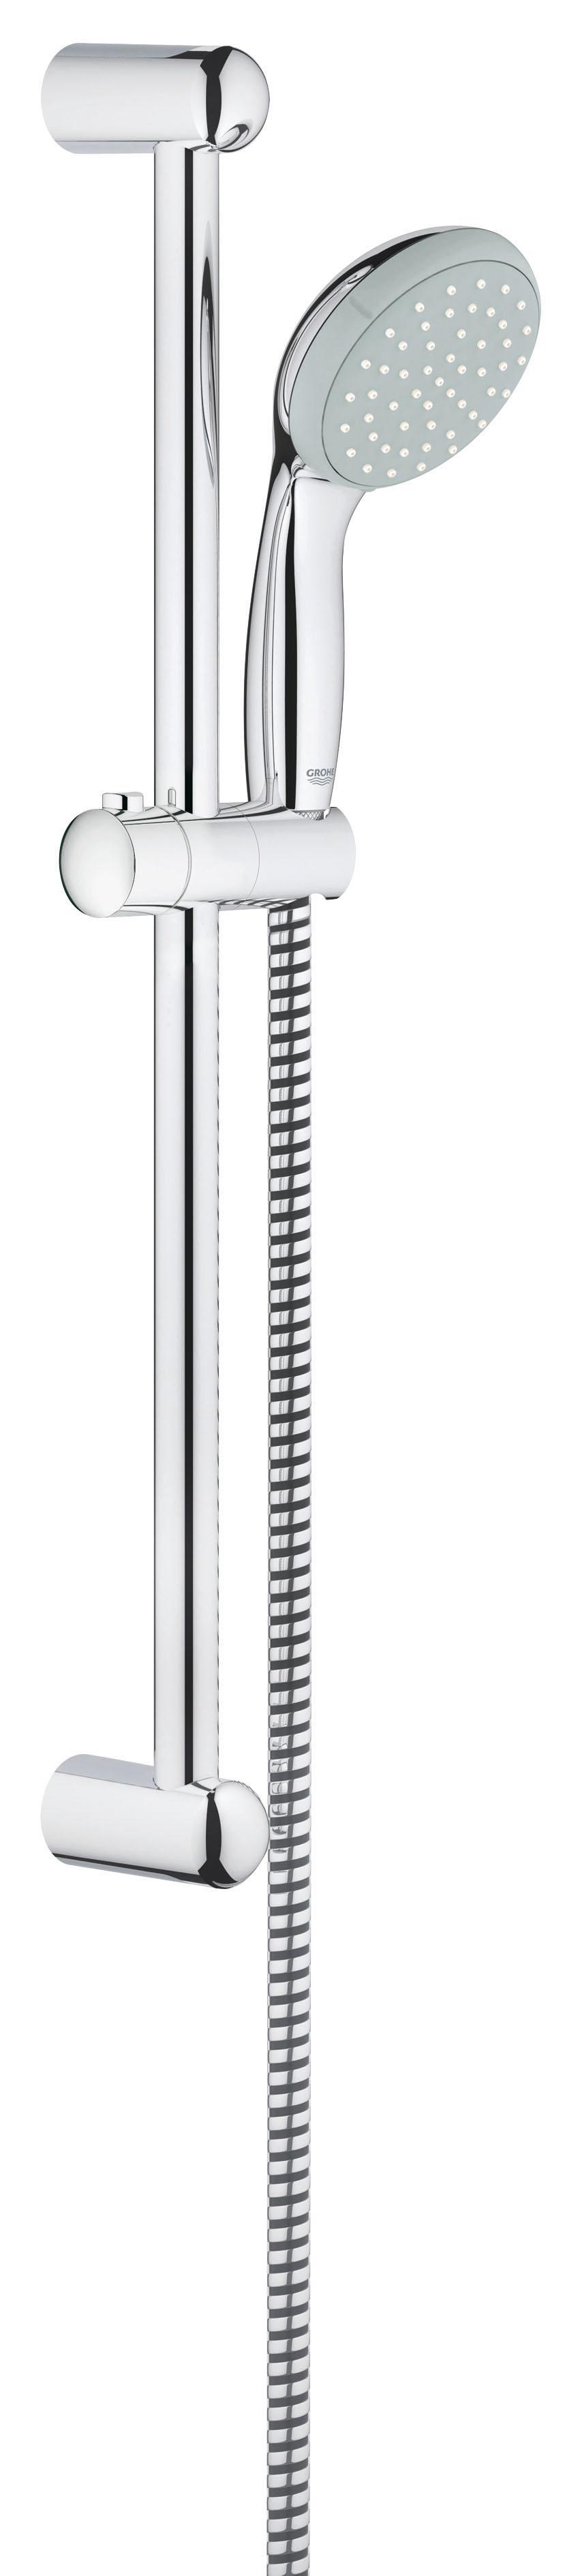 Душевой комплект GROHE Tempesta Classic I (27853000)27853000GROHE New Tempesta 100: душевой гарнитур со штангой длиной 600 мм и душевой головкой диаметром 100 мм для расслабляющих водных процедур в стиле спа Этот душевой гарнитур с настенным держателем из серии New Tempesta 100 в комплекте с душевой головкой, штангой и шлангом, избавит Вас от необходимости поиска и подбора отдельных элементов. Все компоненты гарнитура отличаются эстетичным дизайном, а также высокой износостойкостью и простотой в уходе за счет глянцевого хромированного покрытия GROHE StarLight. Силиконовое кольцо ShockProof защитит ручной душ от повреждений в случае падения. В режиме Rain Вас окутает ласковый поток капель, напоминающий теплый летний дождь, и каждое принятие душа превратится в расслабляющую спа-процедуру. Технология GROHE DreamSpray обеспечивает равномерность душевой струи, а система SpeedClean предотвращает известкование форсунок душевой головки. Особенности: Включает в себя: Ручной душ (27 852 000) Душевая штанга, 600 мм (27 523 000) ...